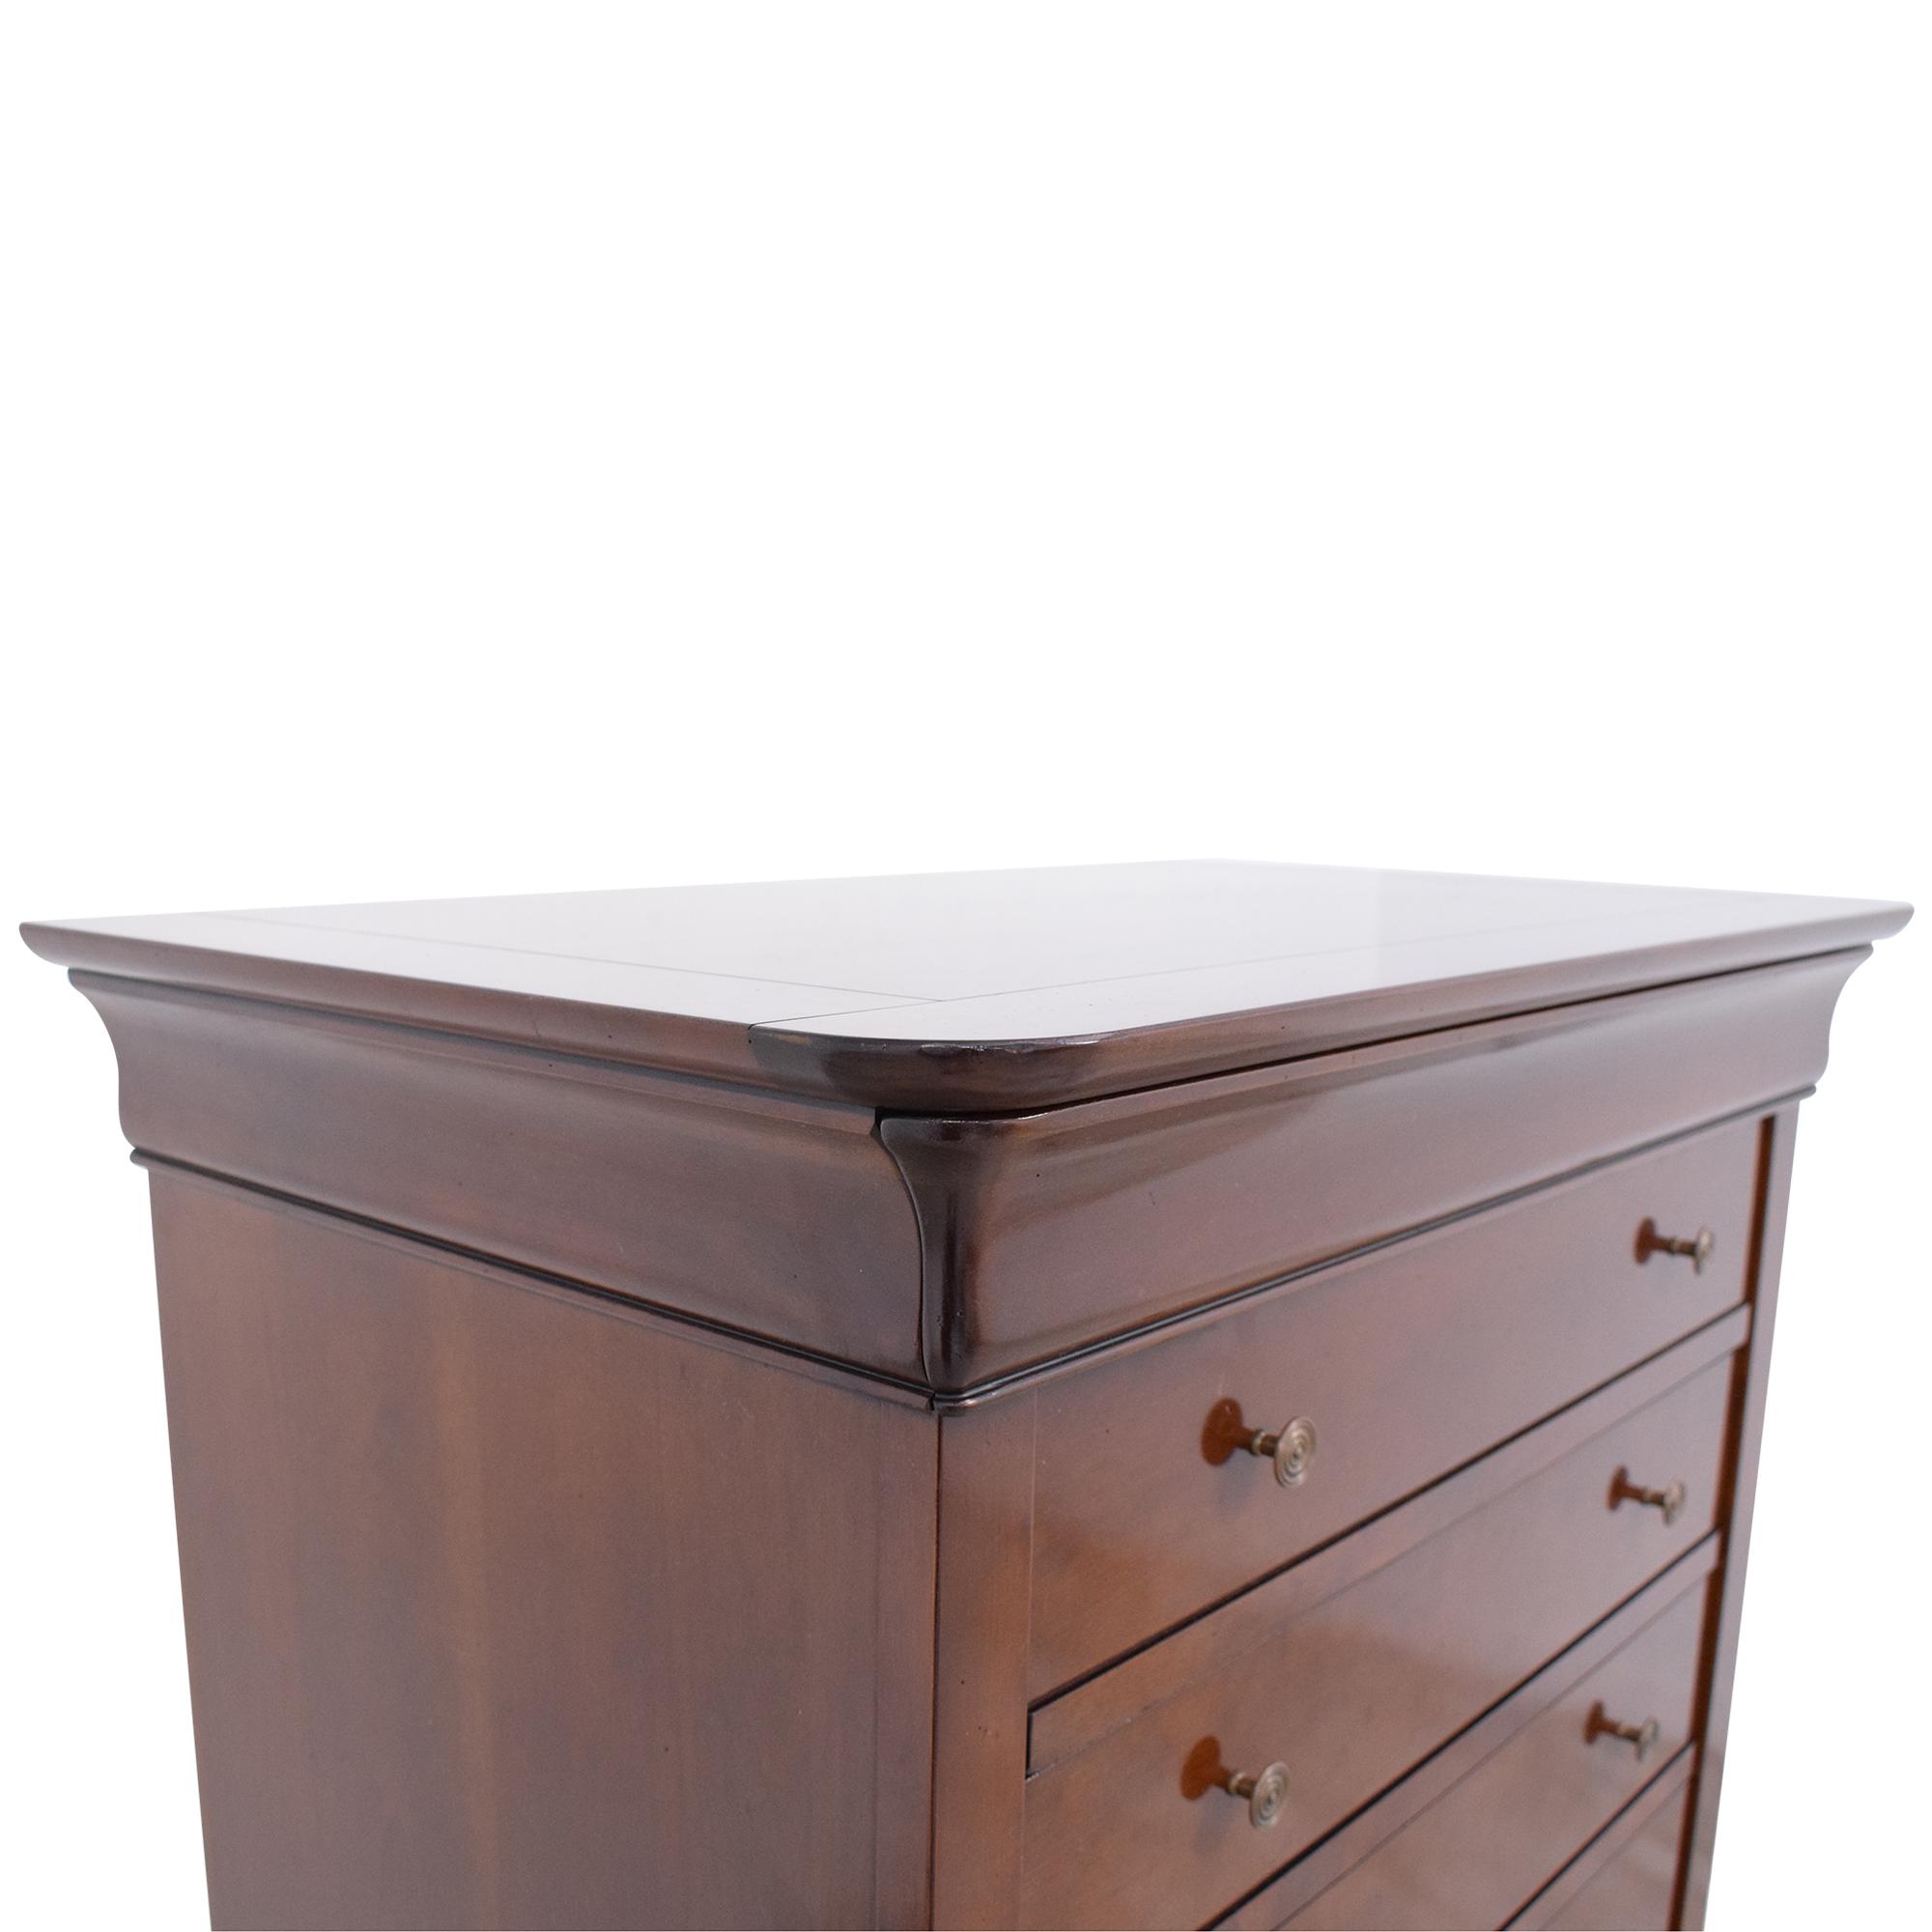 Grange Grange Tall Eight Drawer Dresser used